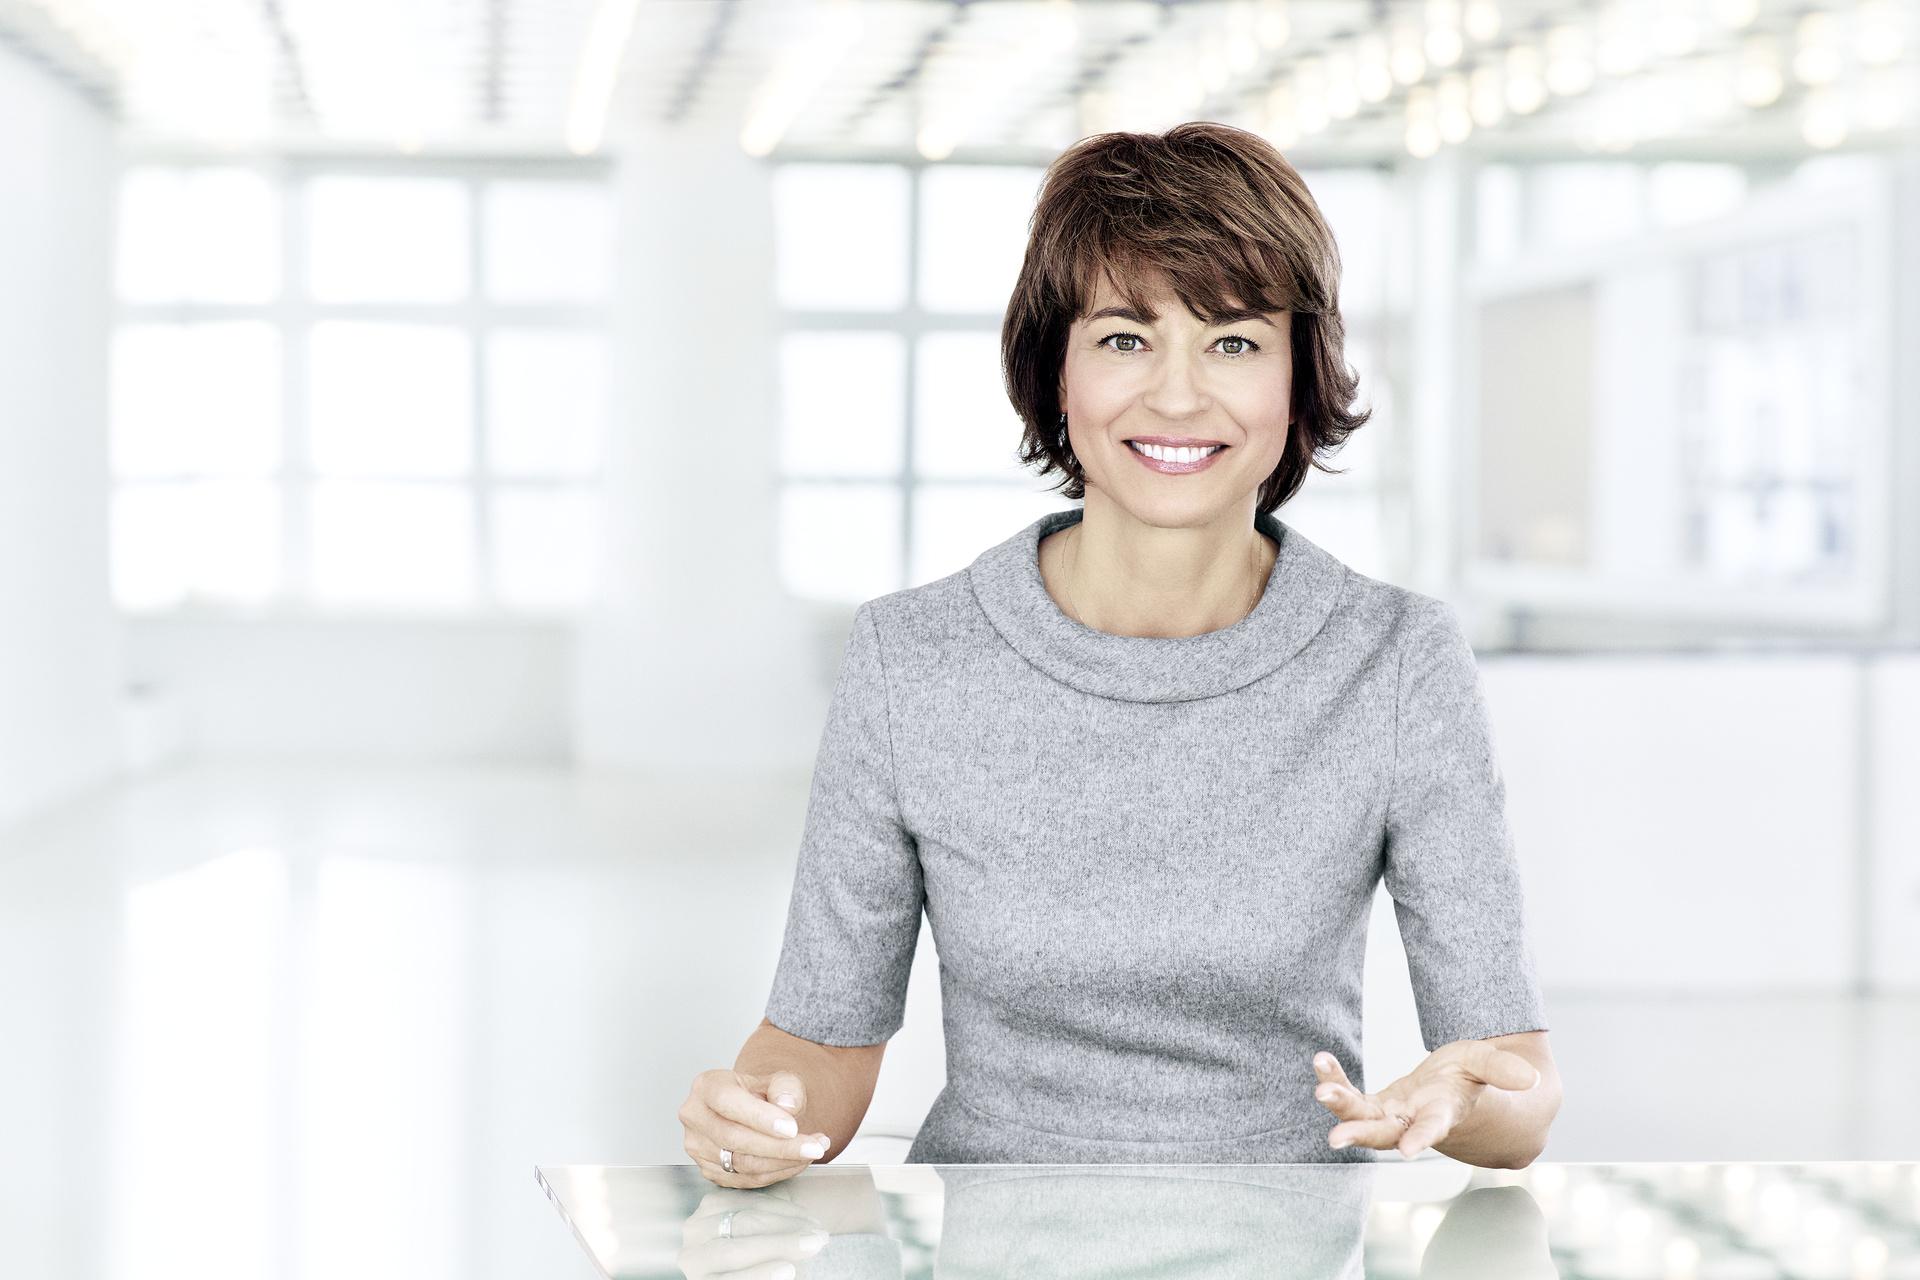 Maybrit Illner moderiert donnerstags ihre gleichnamige Talkshow im ZDF.